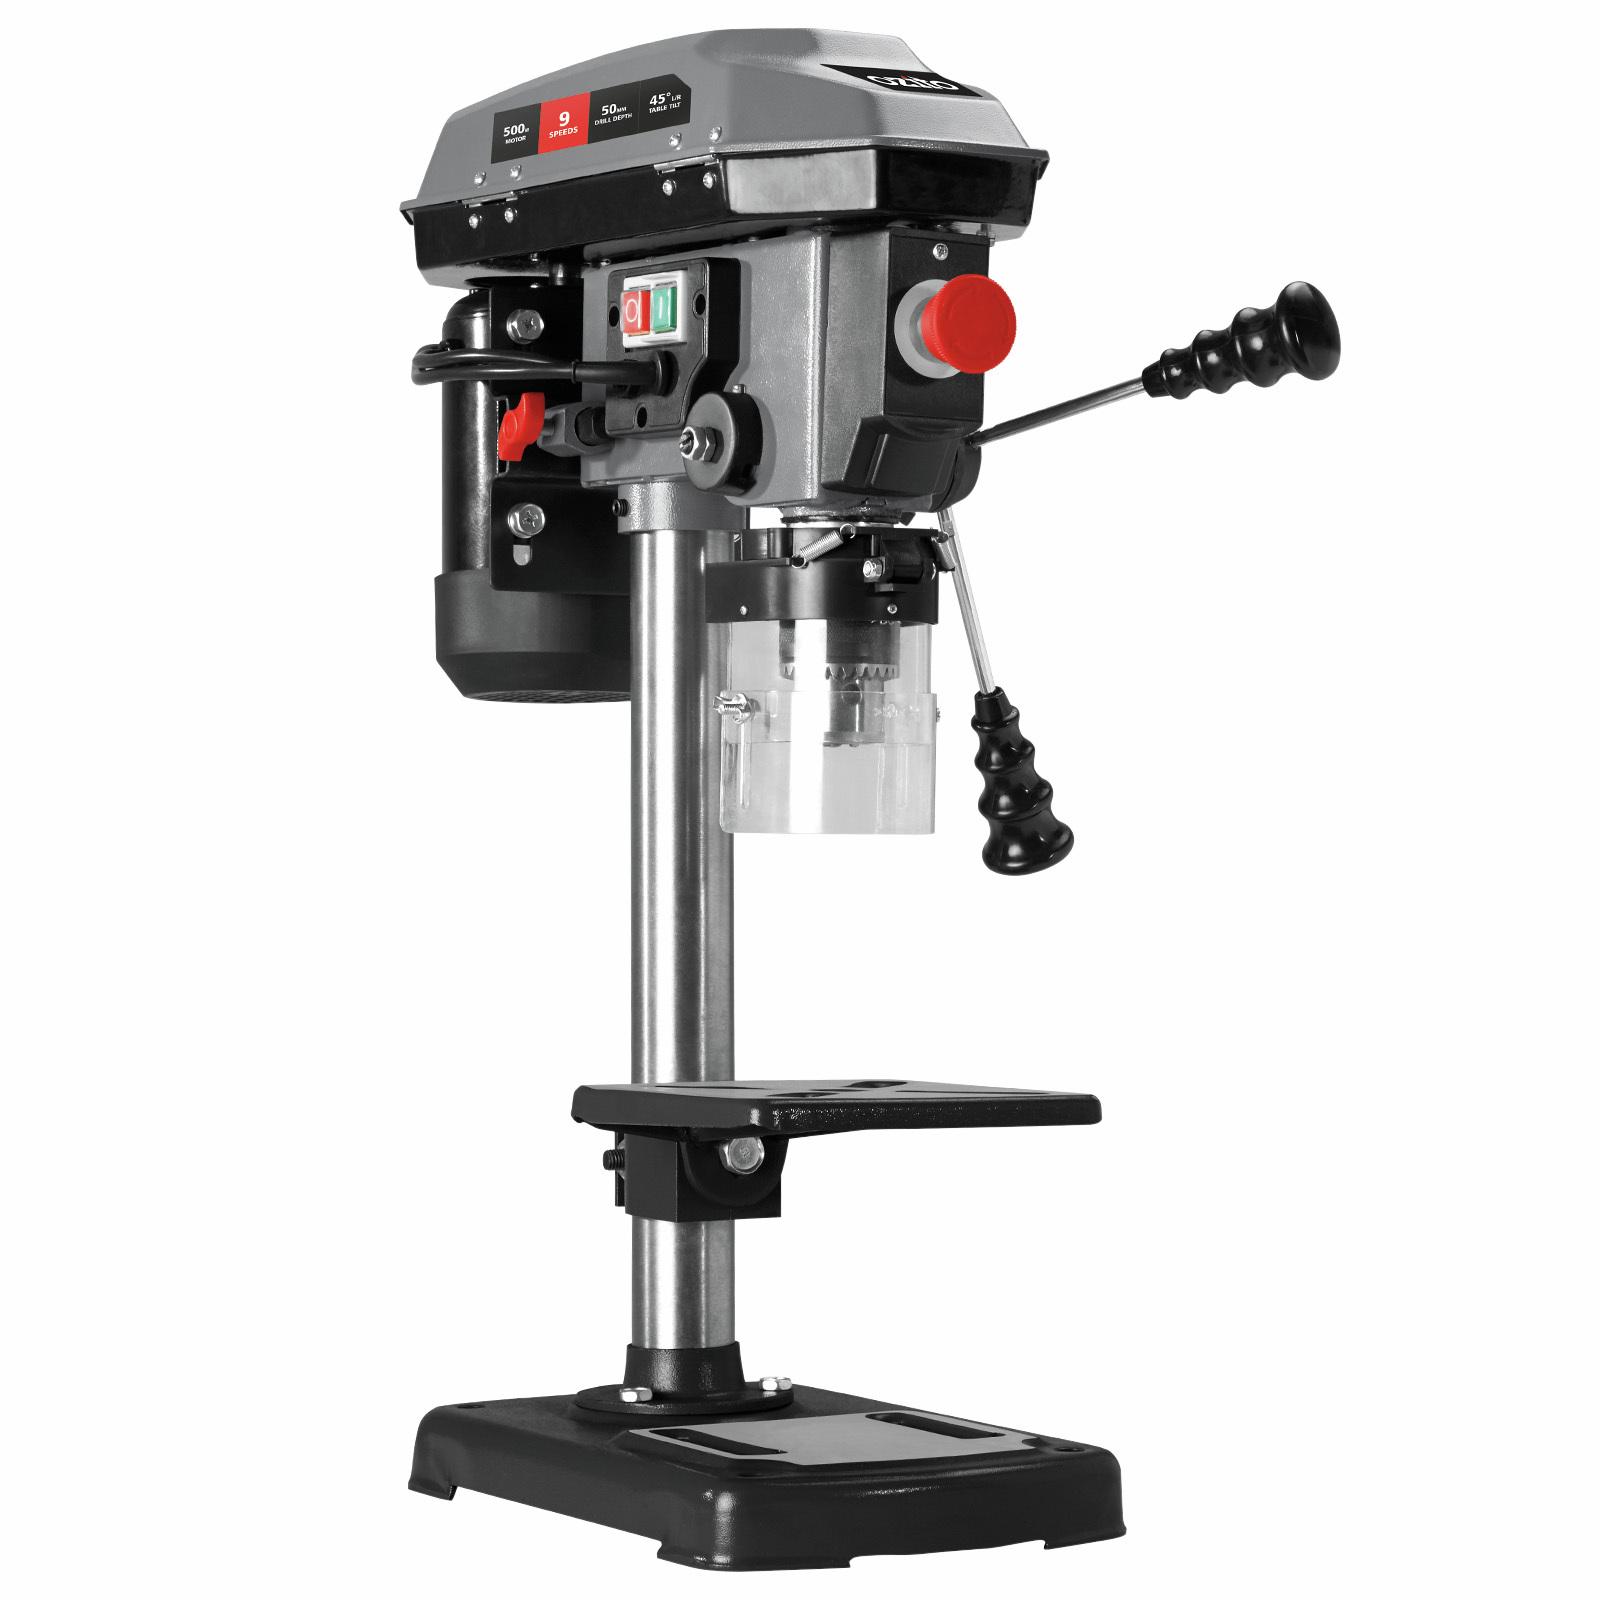 Ozito 500W 16mm Drill Press